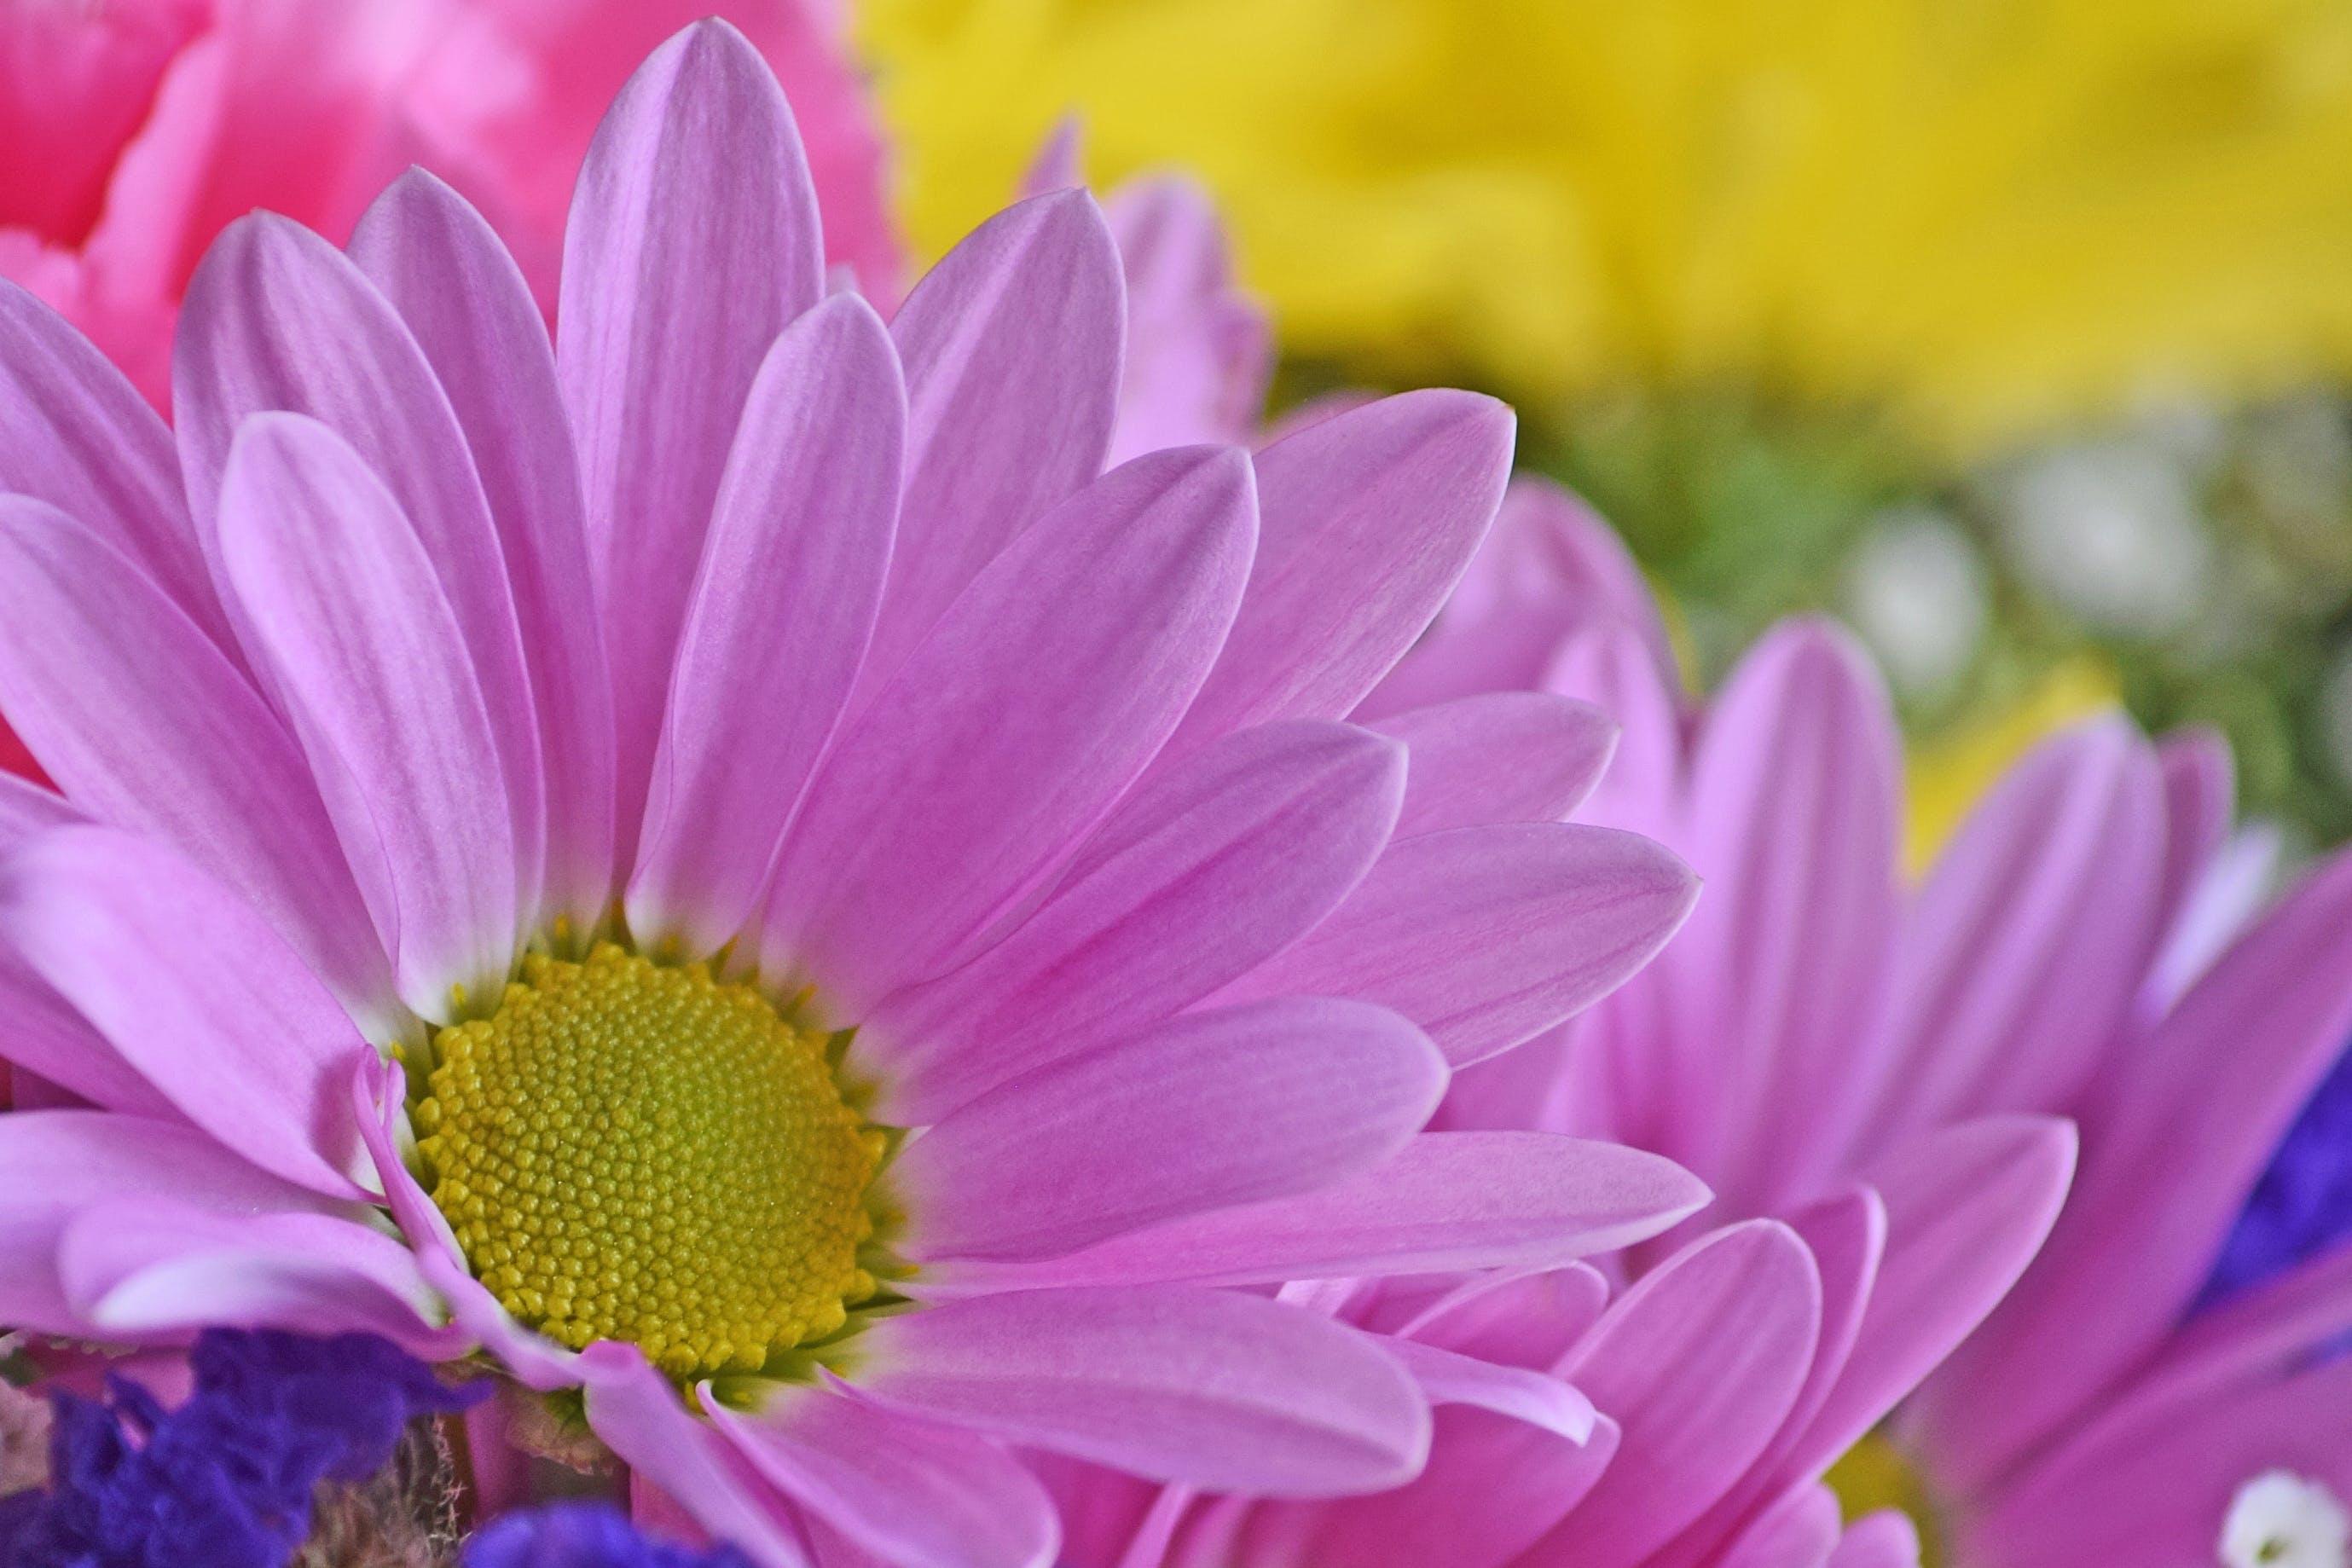 Безкоштовне стокове фото на тему «квітка, маргаритка, прекрасна квітка, фіолетовий»